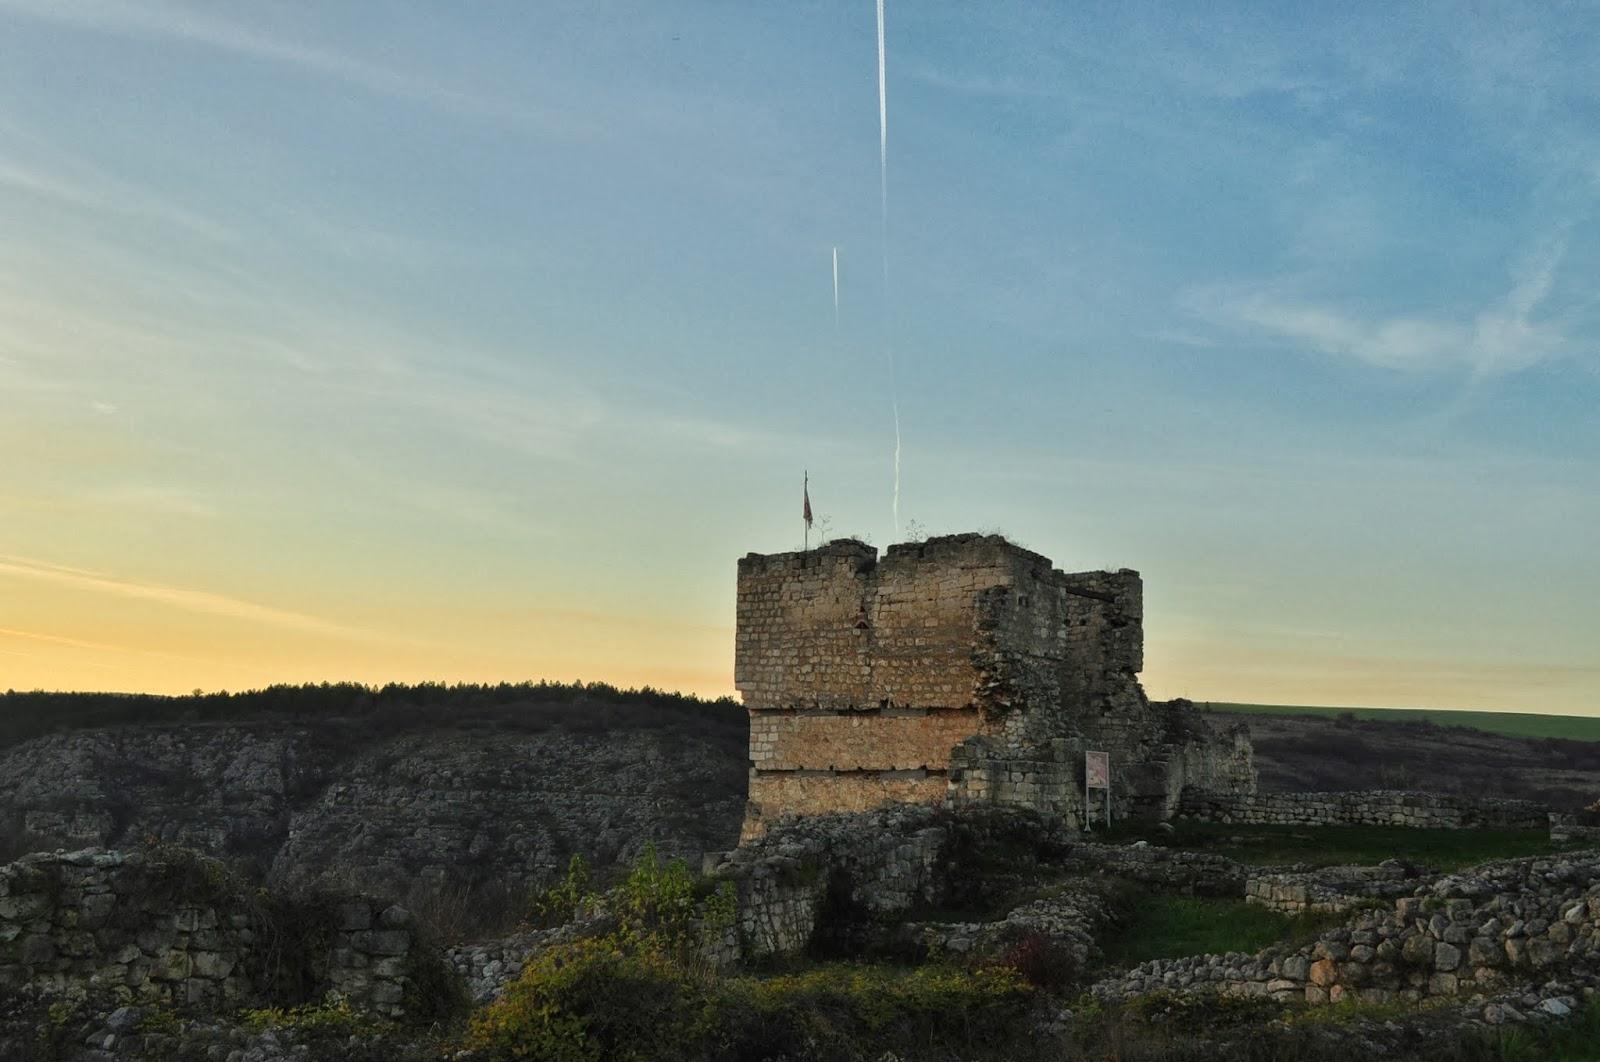 Сравнително добре запазените останки от средновековния български град Червен се намират на 30-на км. от дунавския бряг. През 12 – 13-ти век градът бил един от най-значимите военни, църковни и културни центрове в пределите на Втората българска държава. В наши дни, сгушеното в подножието на крепостните му стени селце Червен посреща любознателни туристи от цял свят в местните къщи за гости.